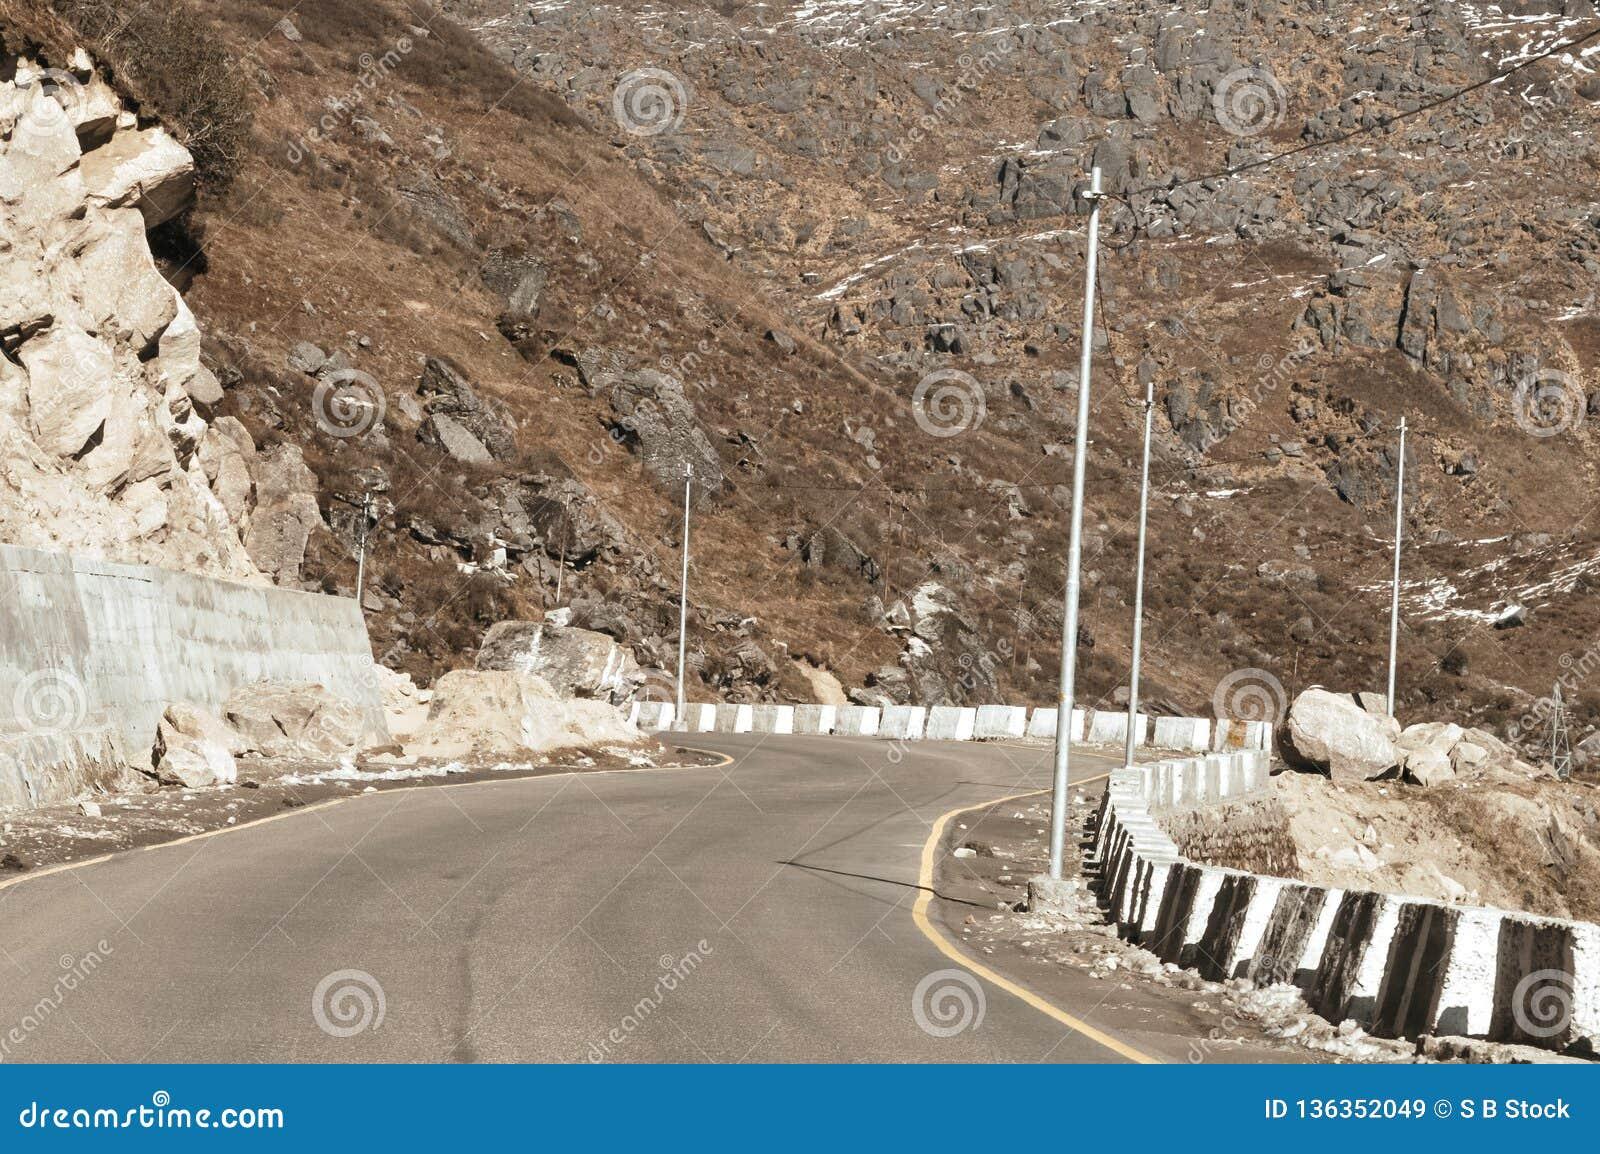 Landstraßenstraßenansicht von Grenze Indiens China nahe Nathu-Lagebirgspass im Himalaja, der indischen Staat Sikkim mit China ans